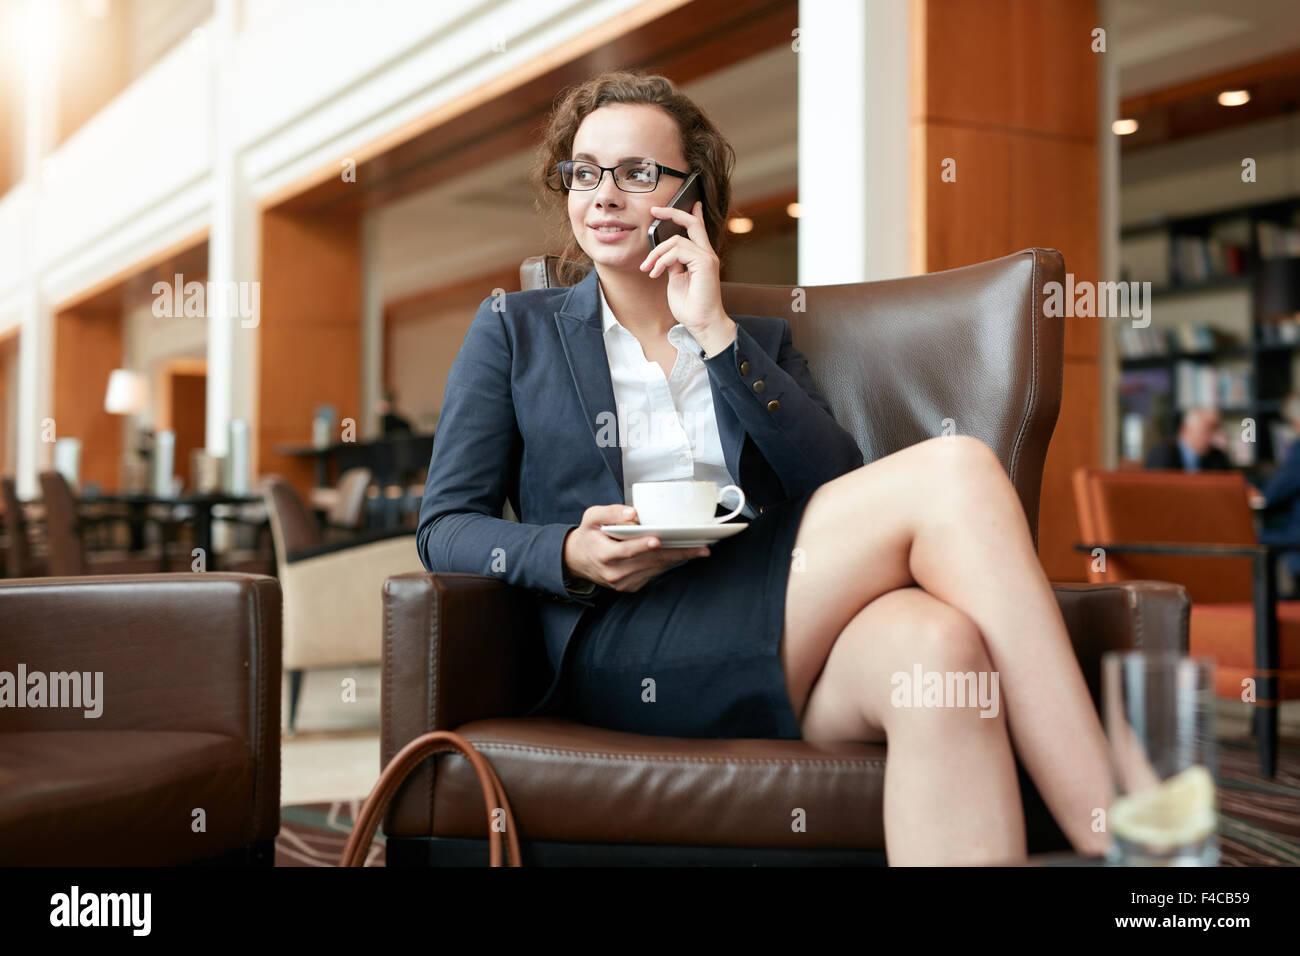 Retrato de feliz empresaria joven sentado en el café hablando por teléfono móvil. Ejecutivo femenino Imagen De Stock